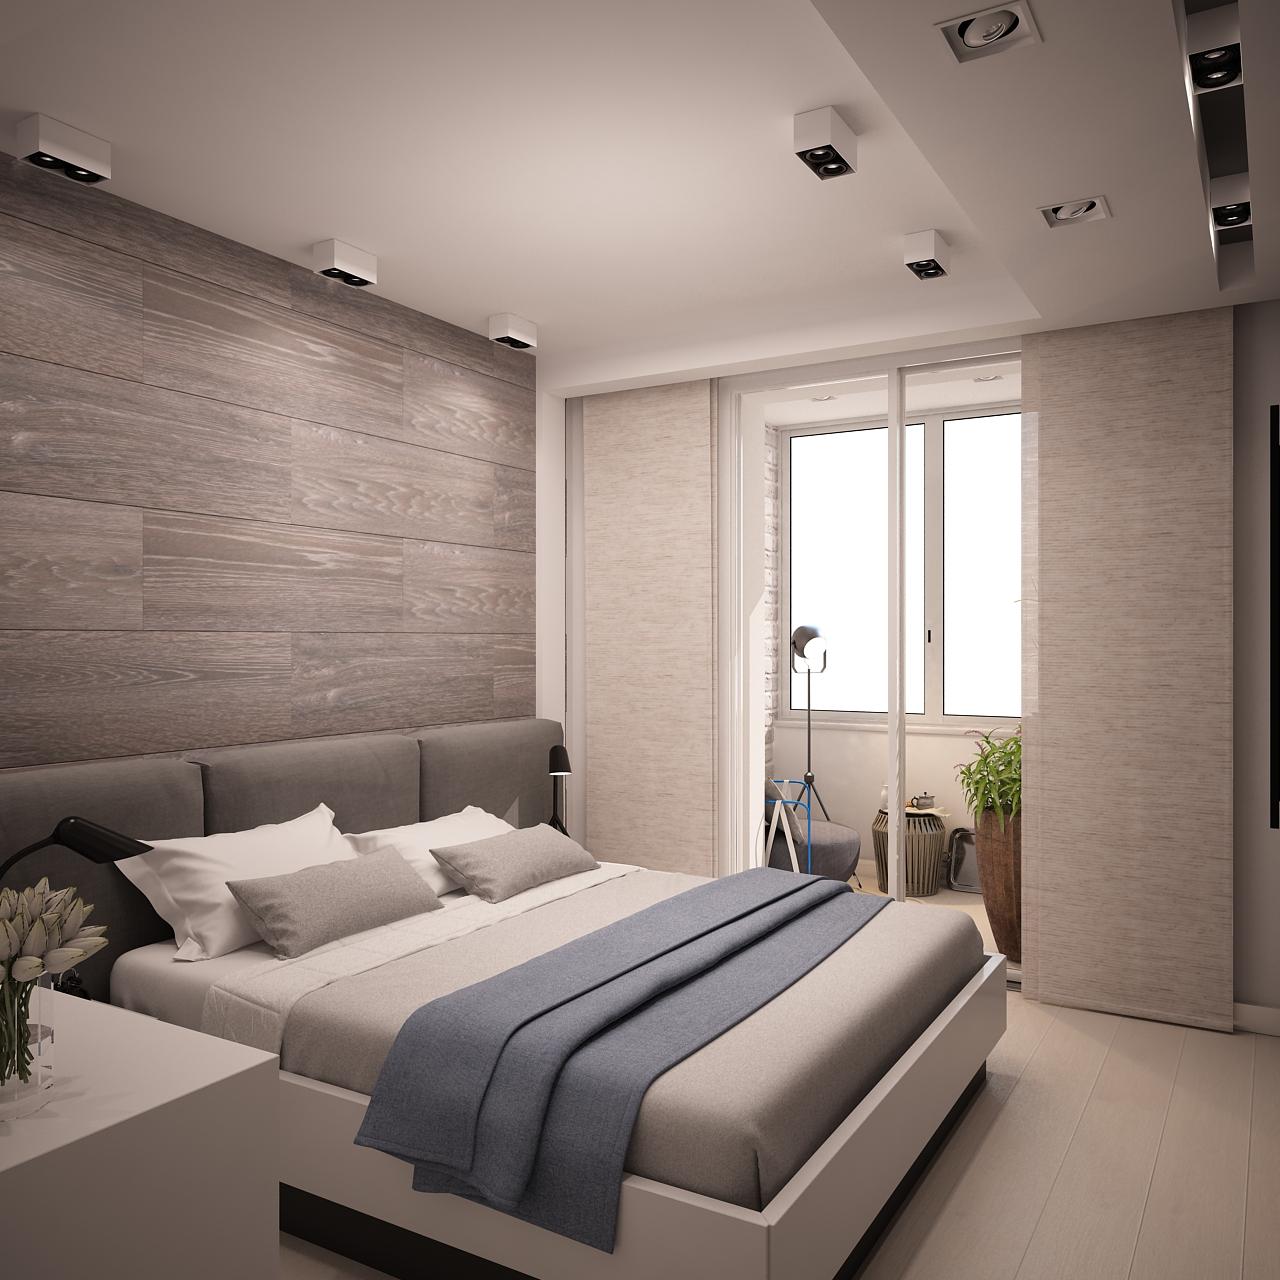 спальня-12-1024x1024